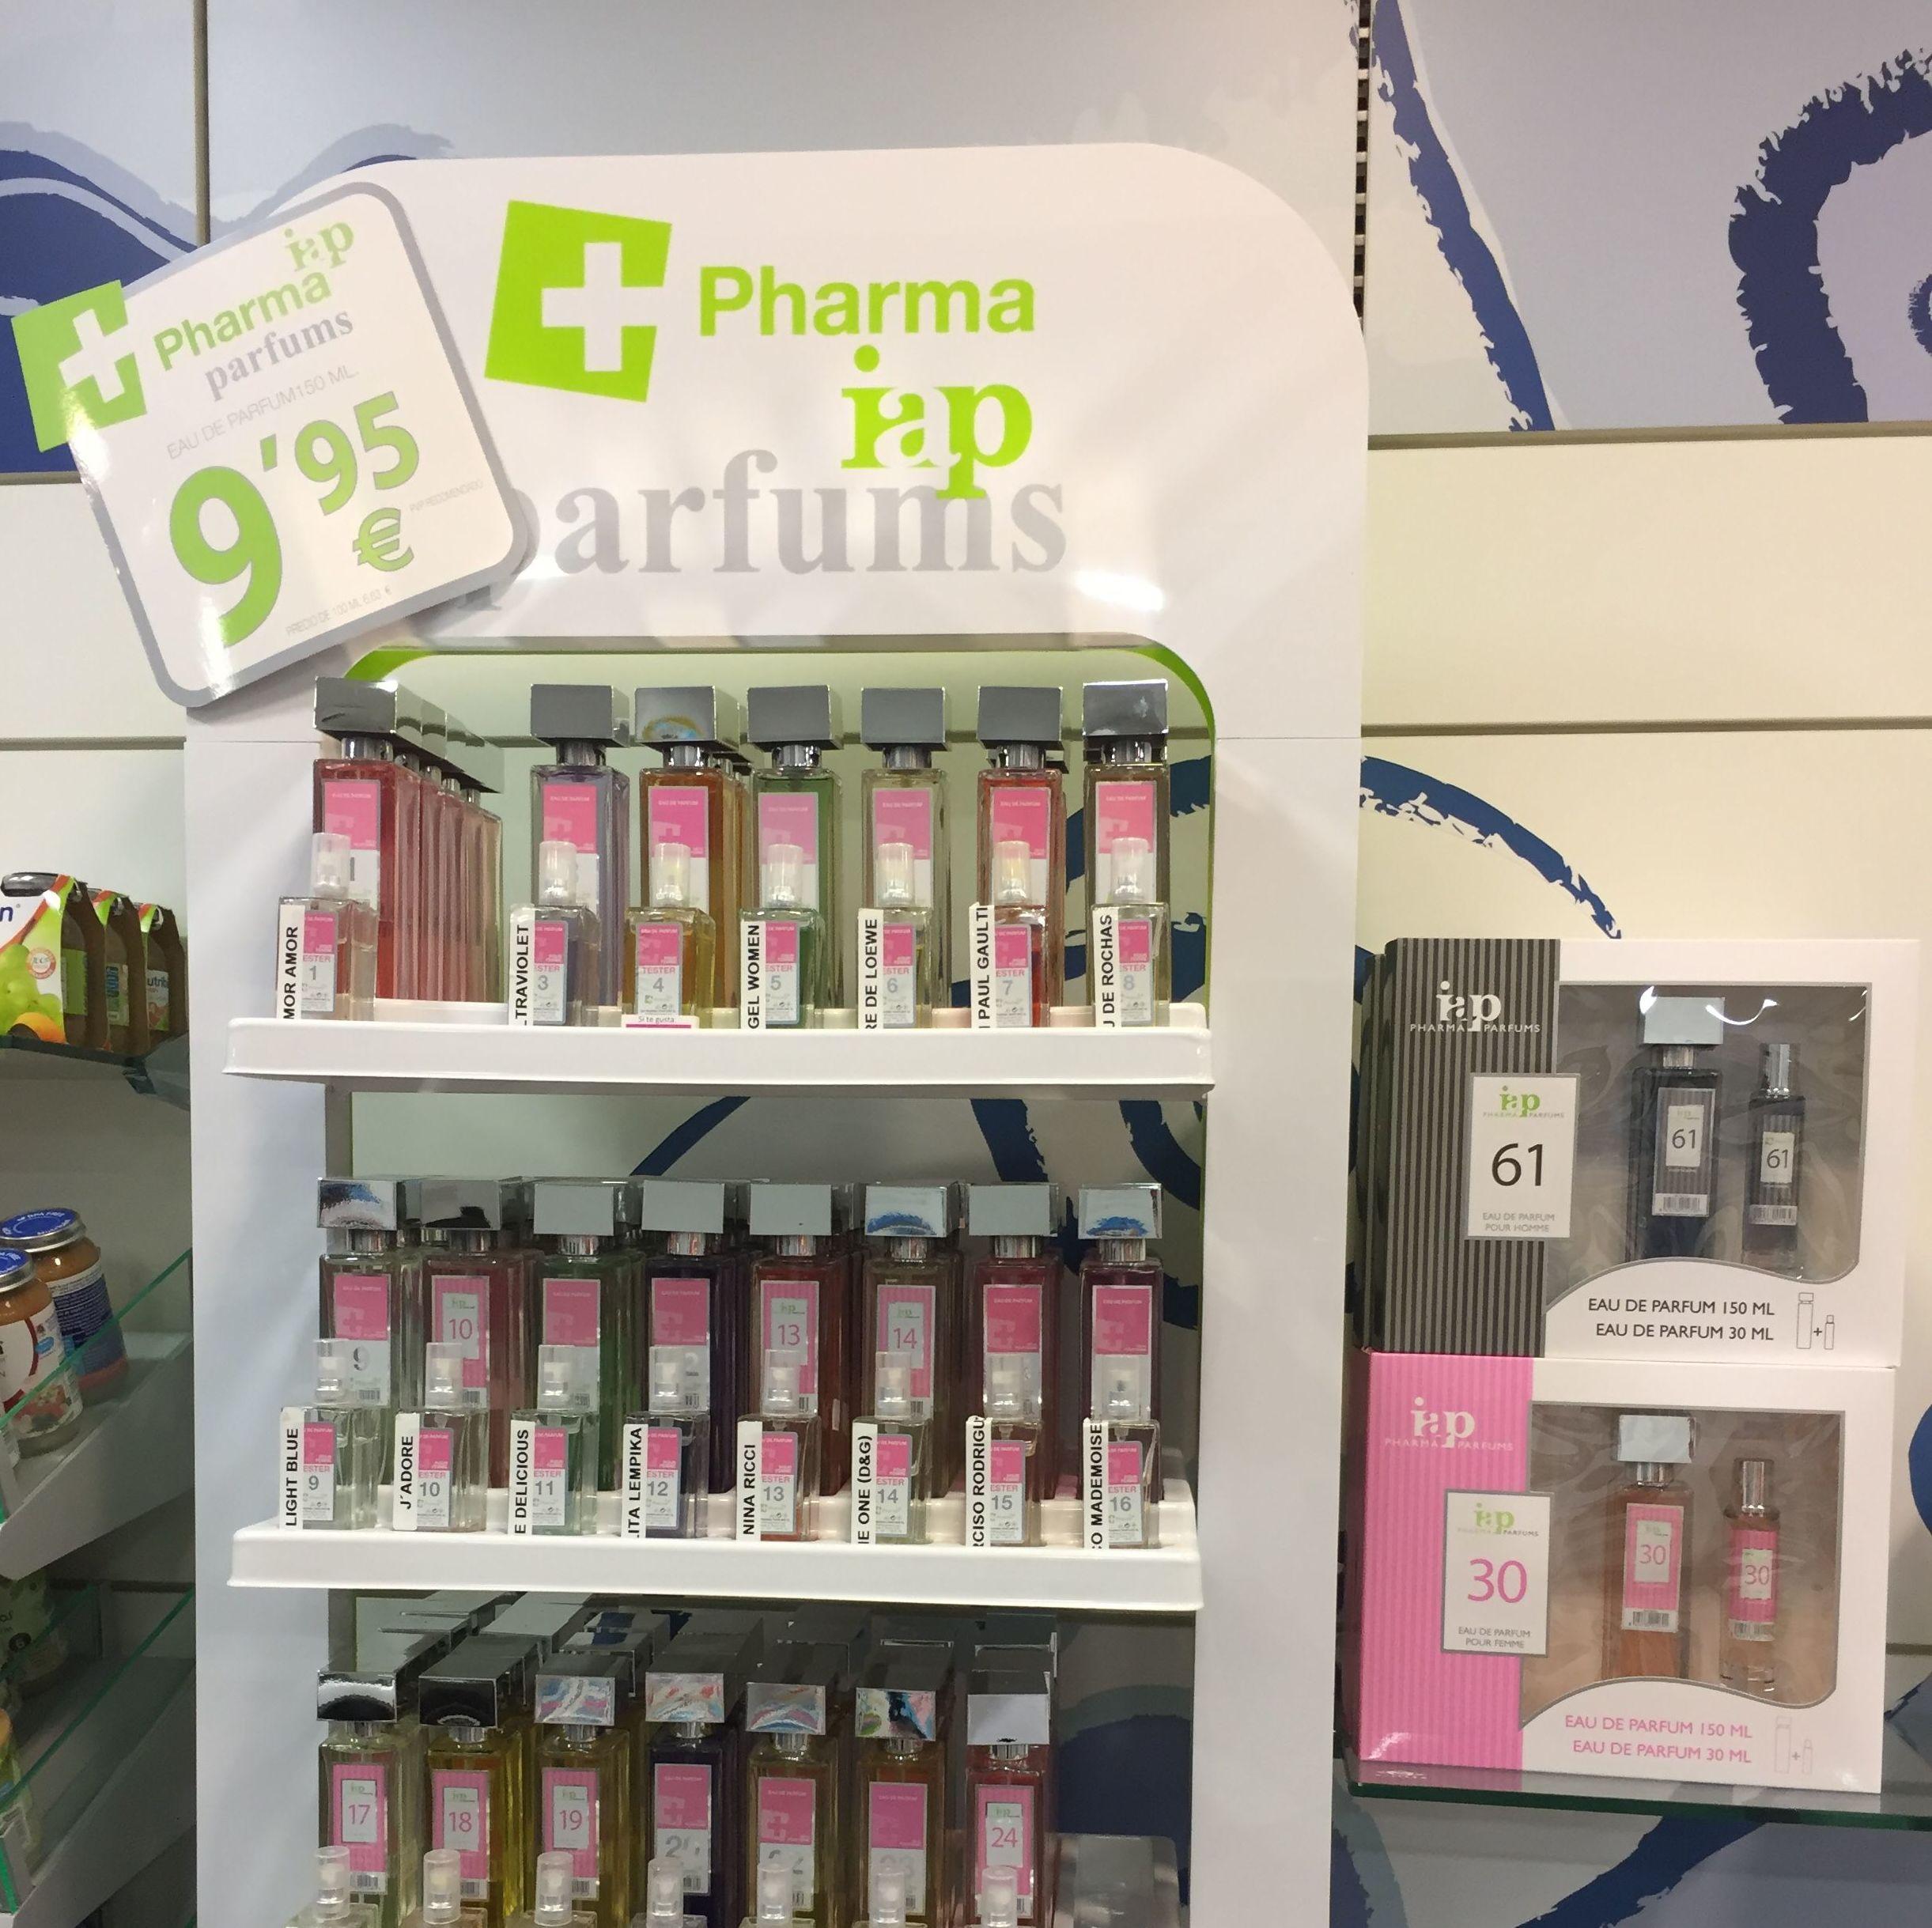 Farmacia abierta los 365 días de 09:00 a 22:00 horas. Venta de perfumes